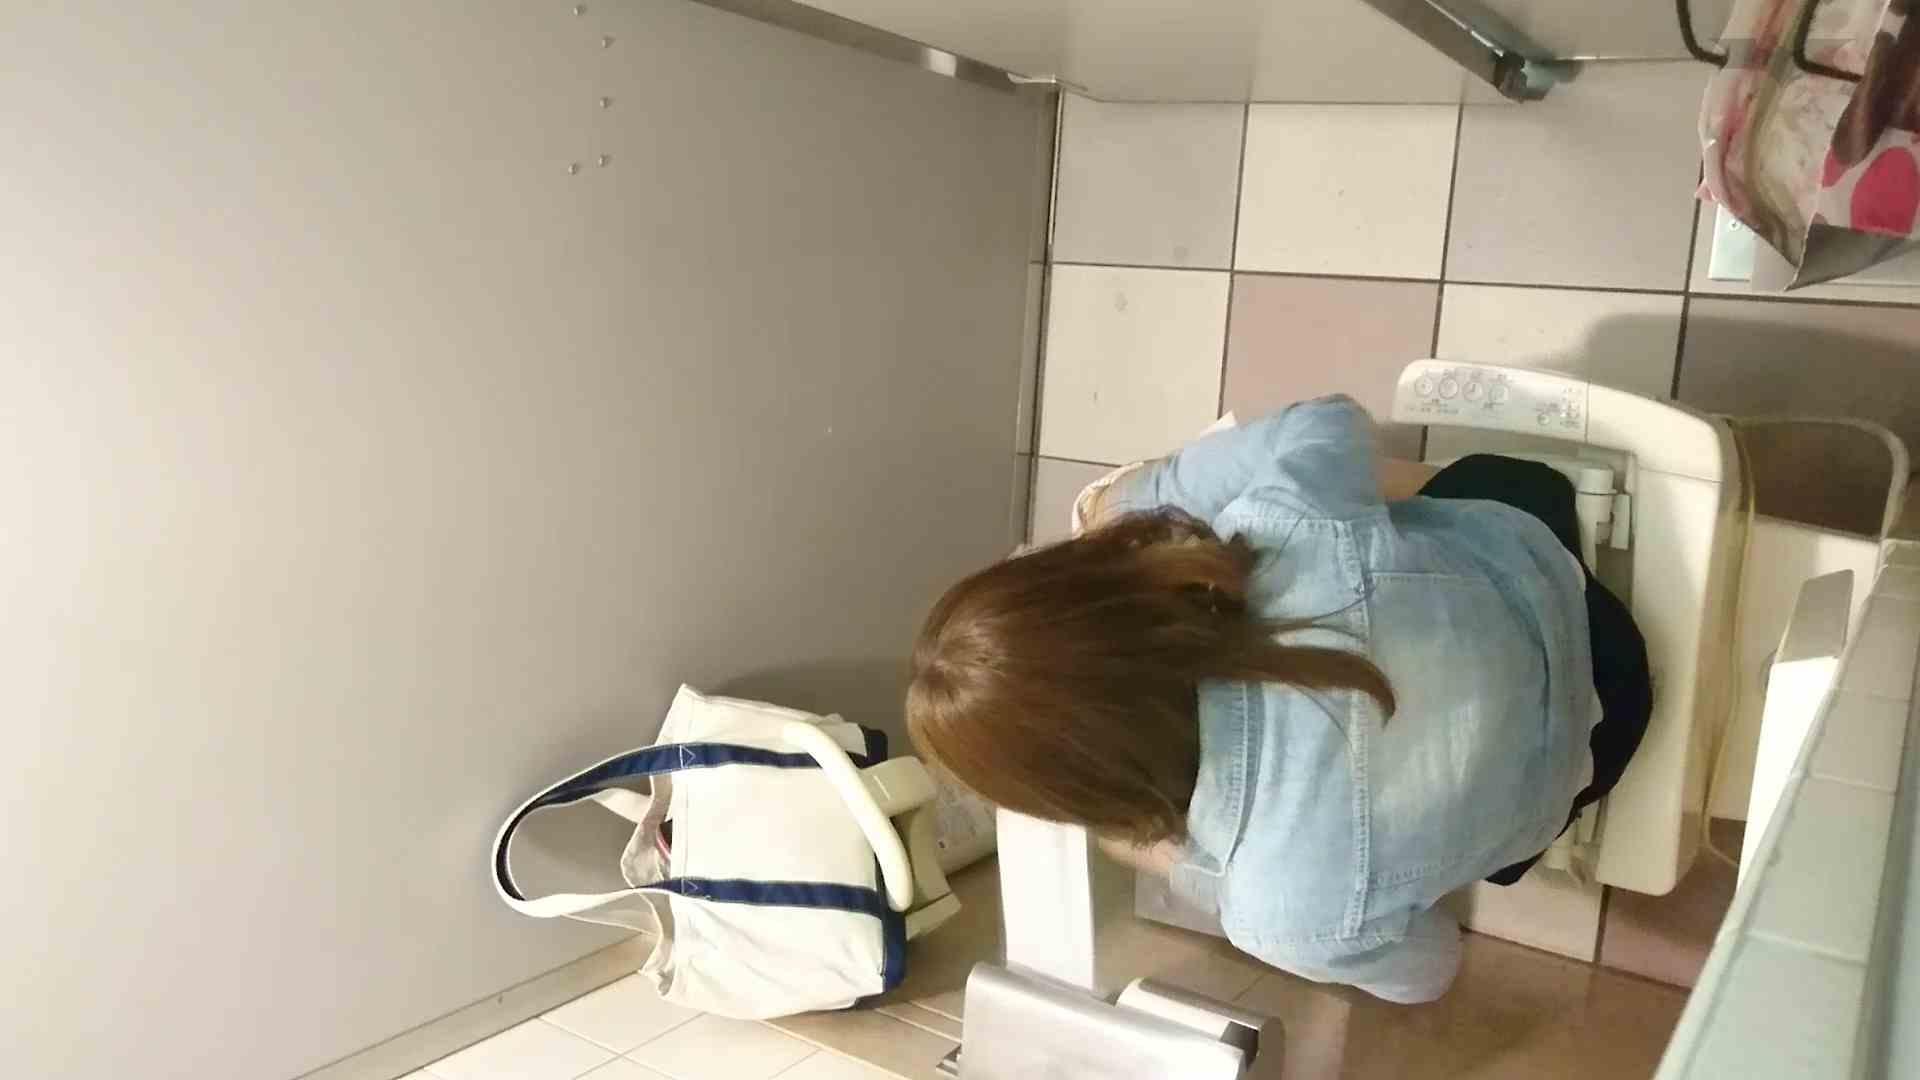 化粧室絵巻 ショッピングモール編 VOL.17 洗面所のぞき セックス無修正動画無料 104枚 14